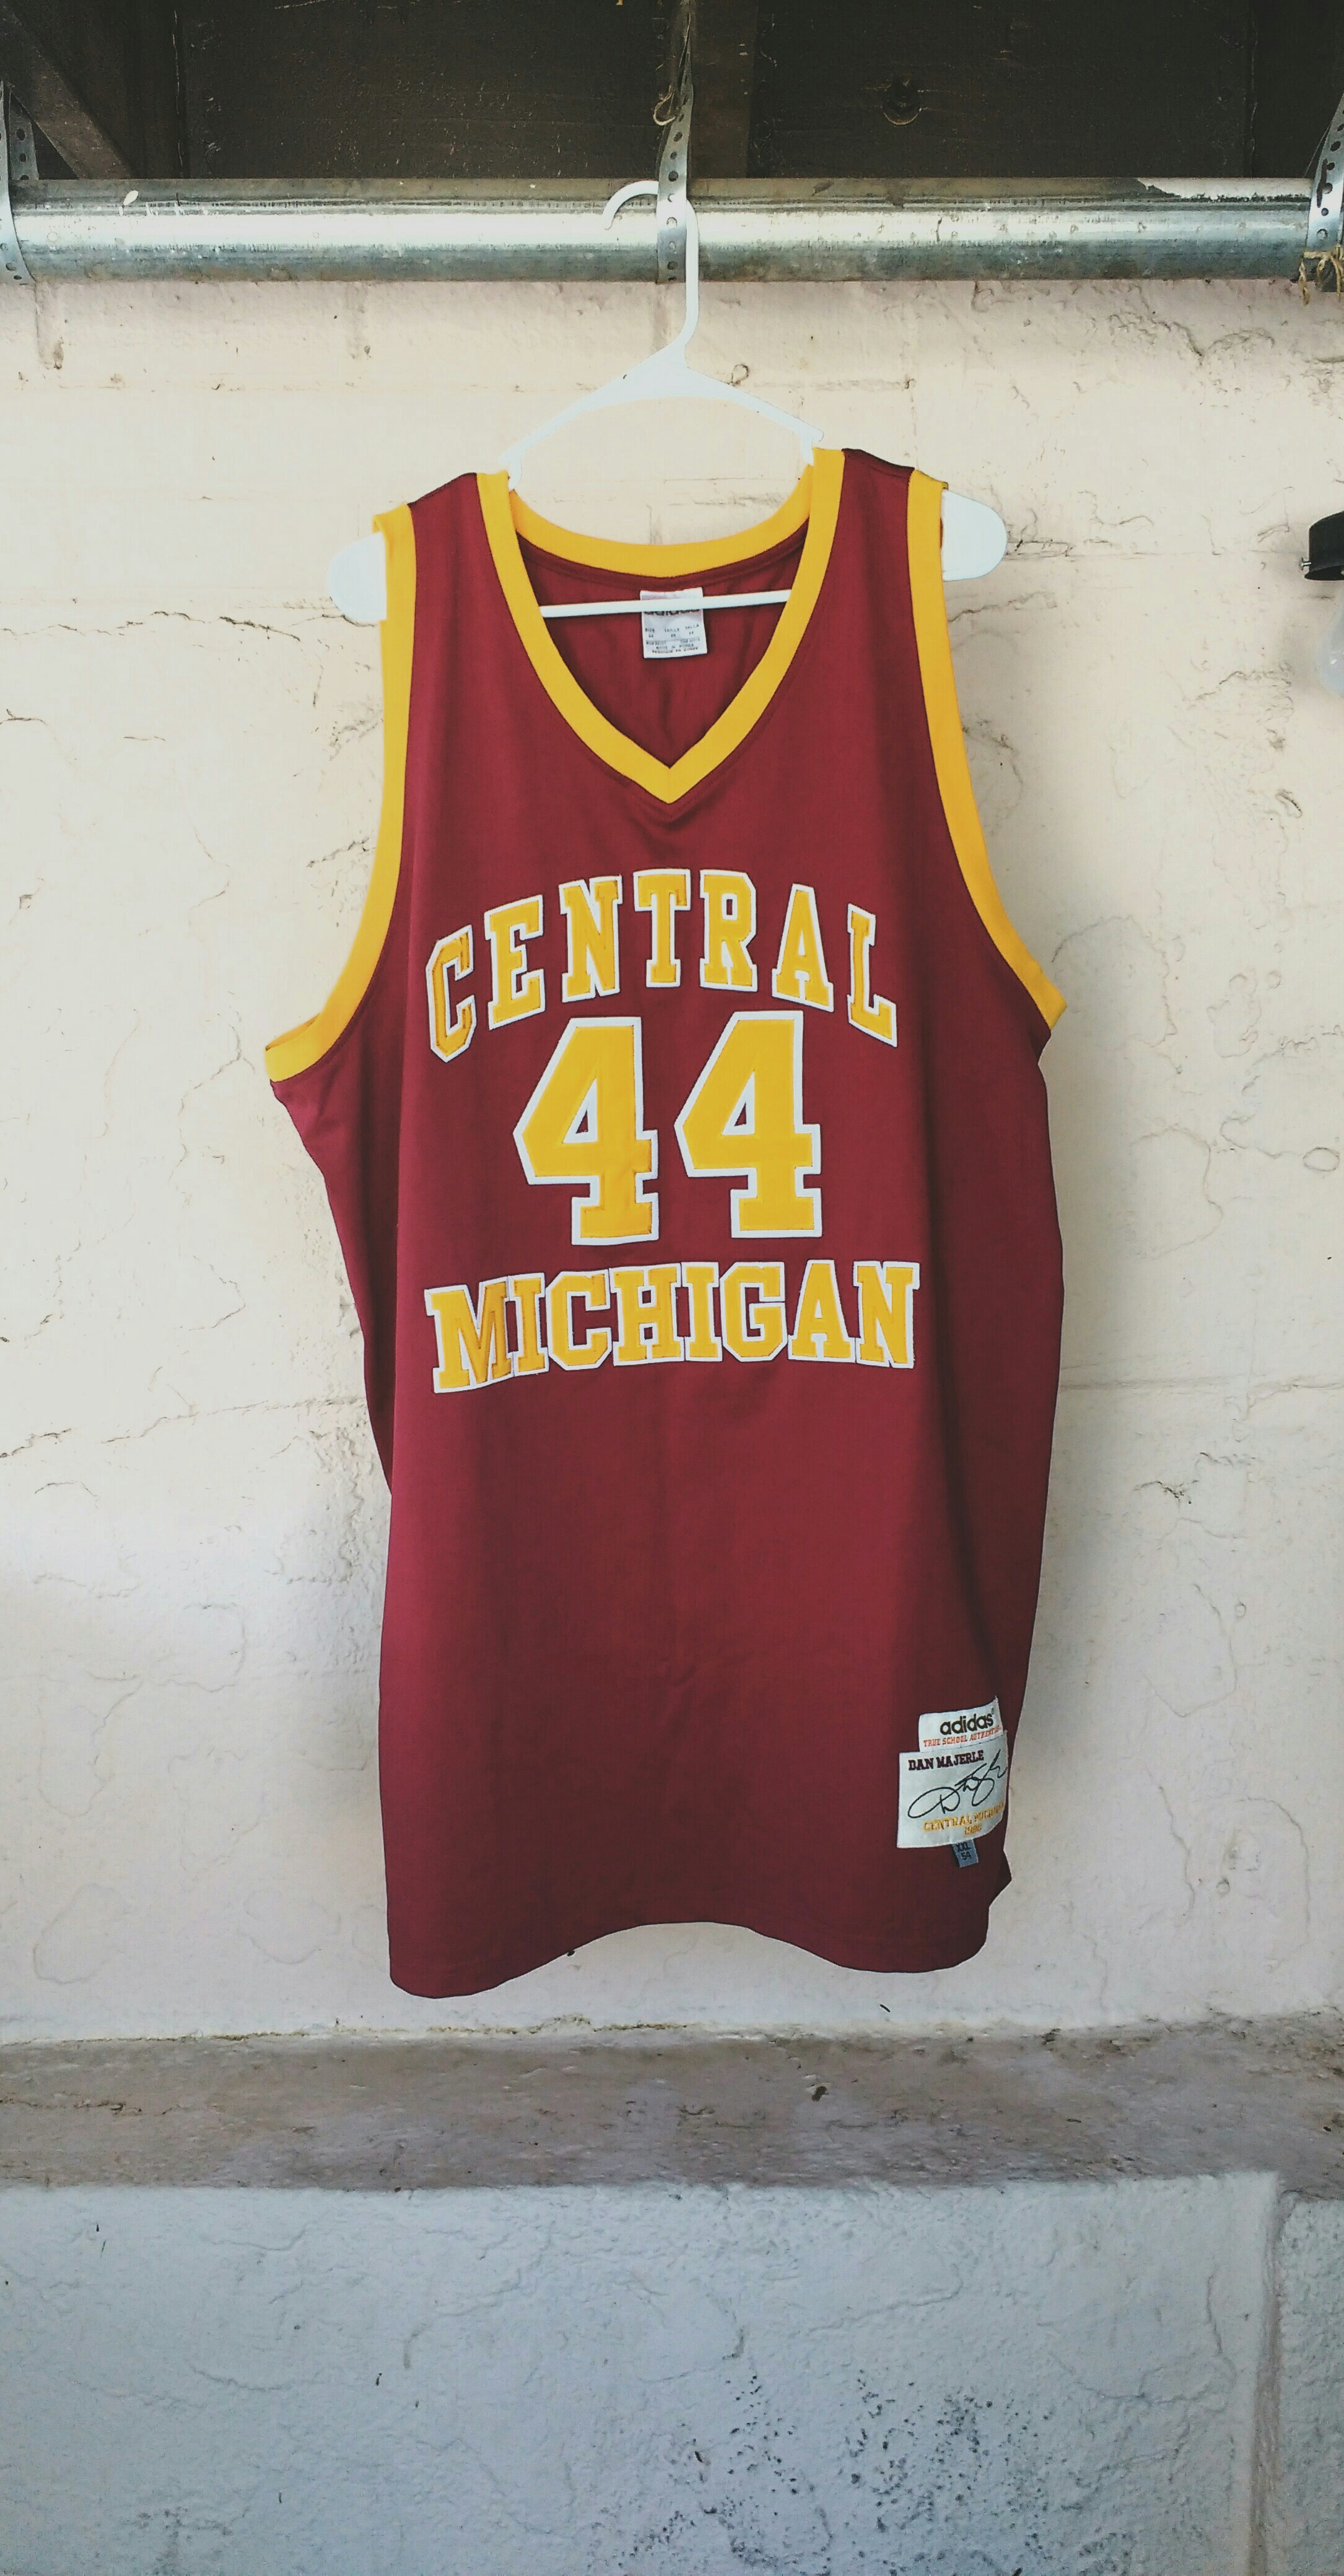 c8e998e38a0 Vintage Adidas Dan Majerle Authentic Central Michigan Jersey Size 54 ...